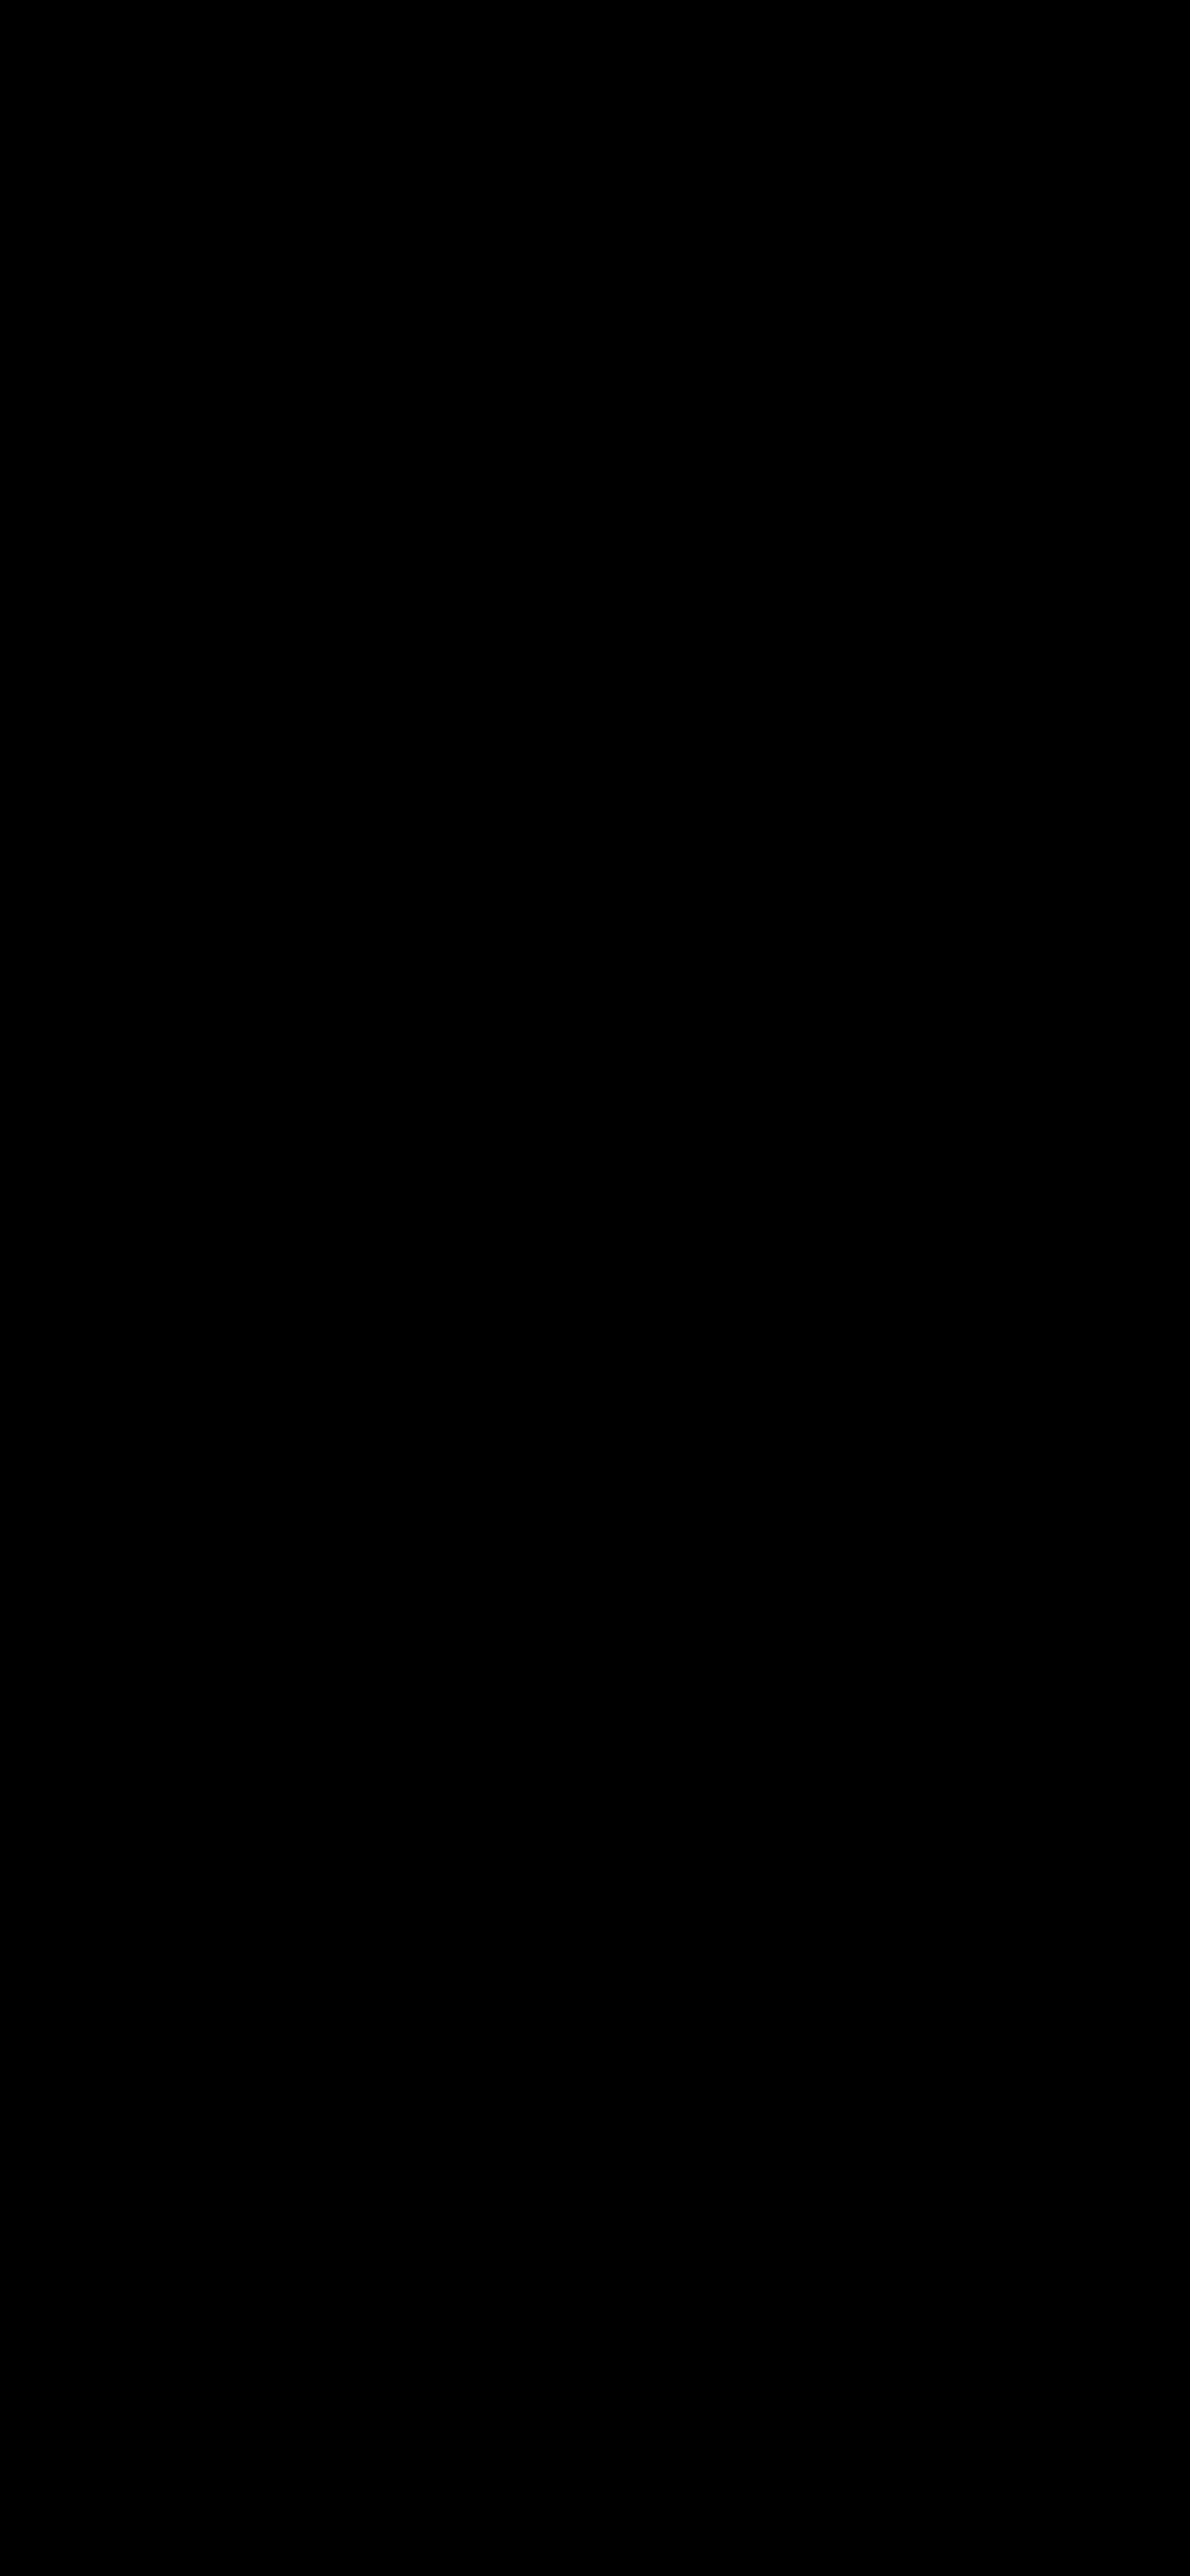 黑壁纸 | iPhone 12 专用绿屏测试壁纸插图5